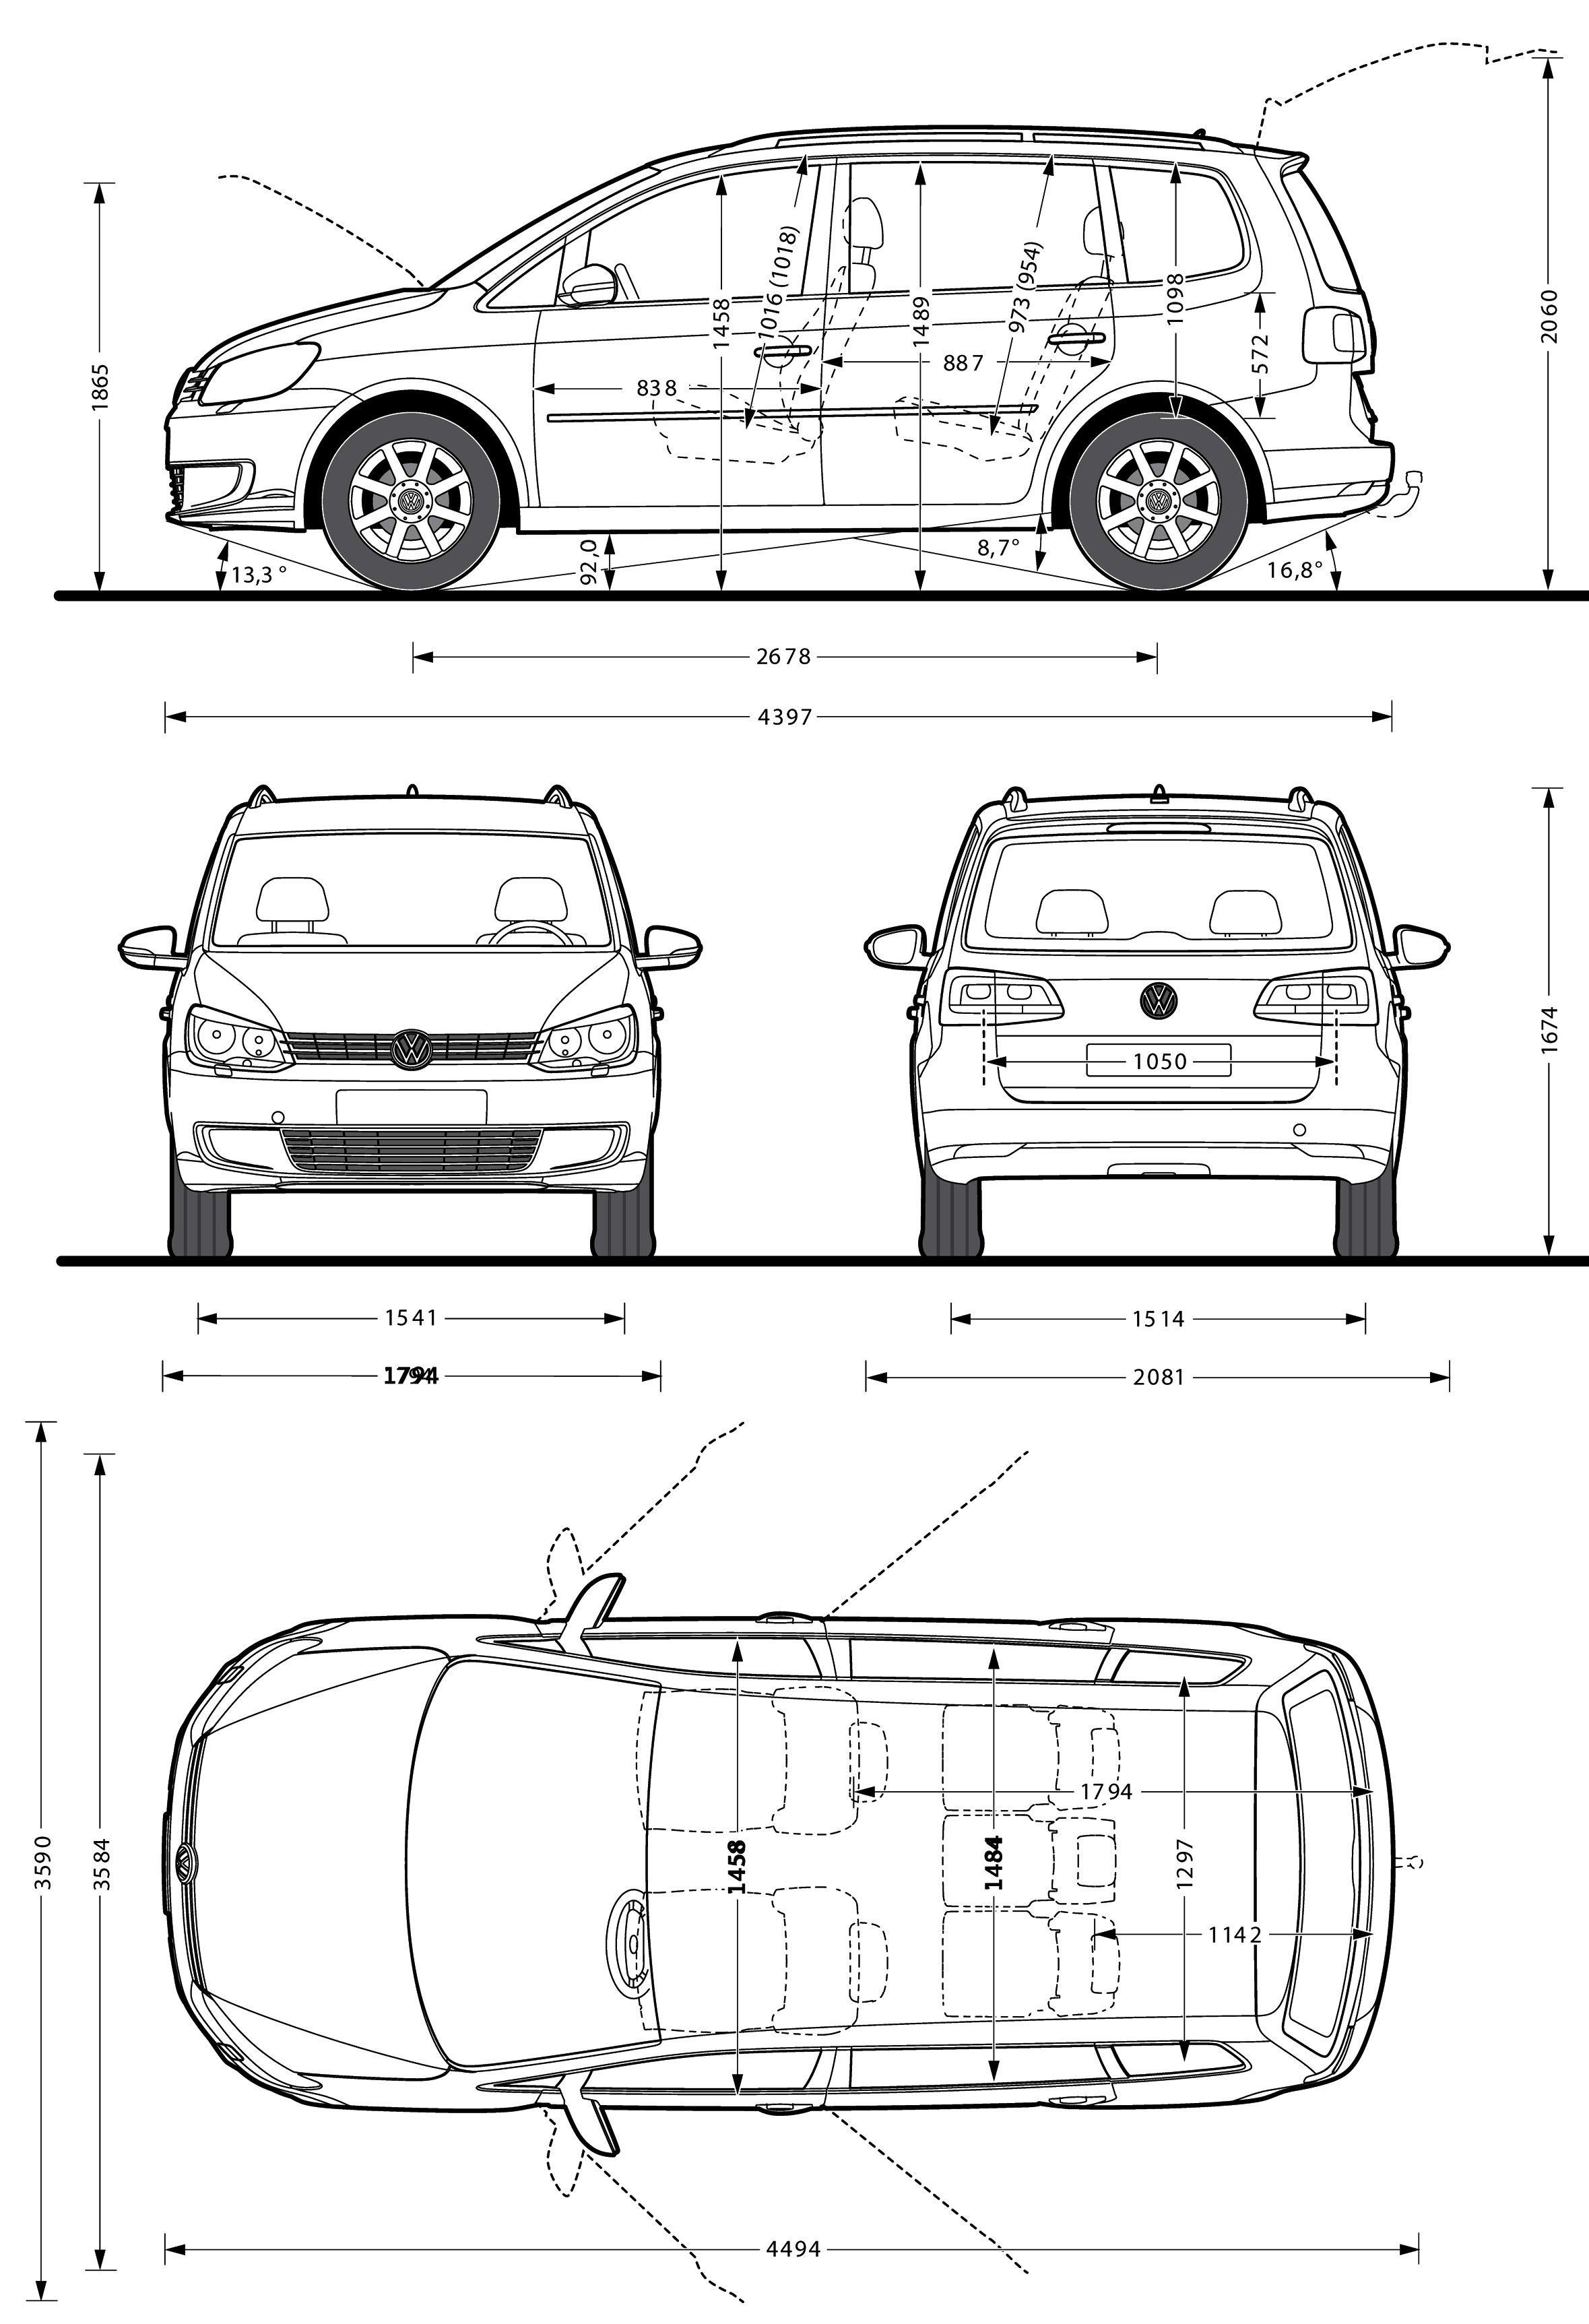 Volkswagen Touran Altijd Handig Om De Maten Te Weten